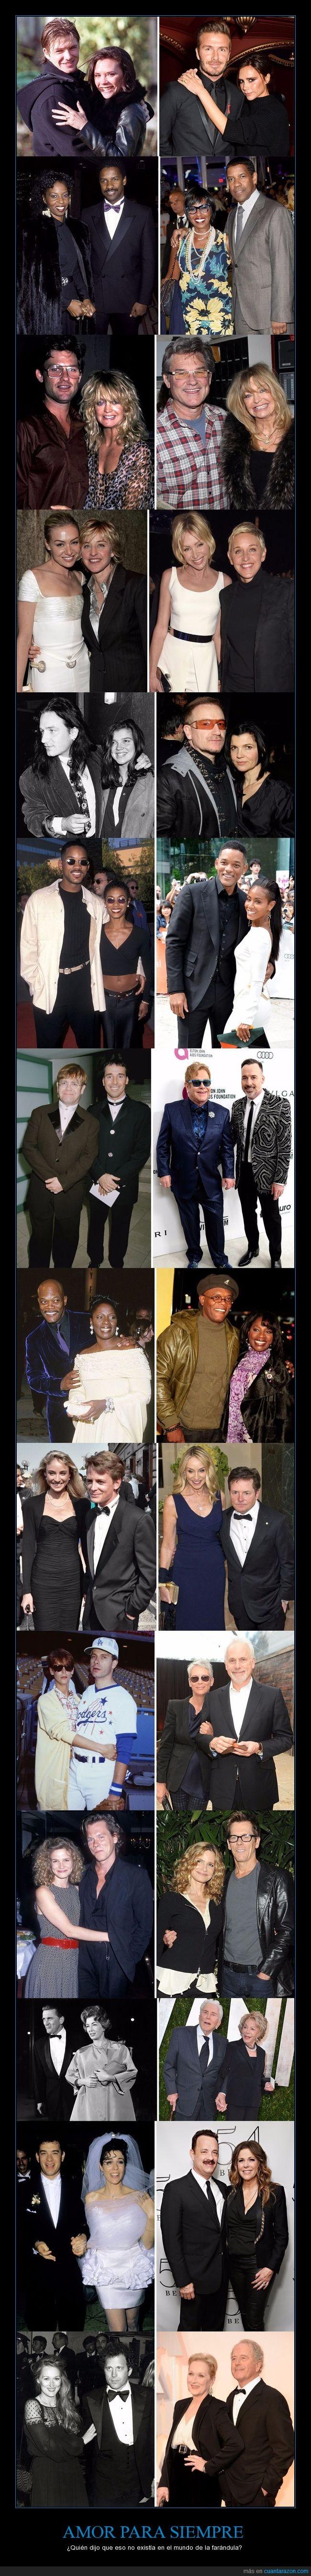 amor,famosos,muchos años,parejas